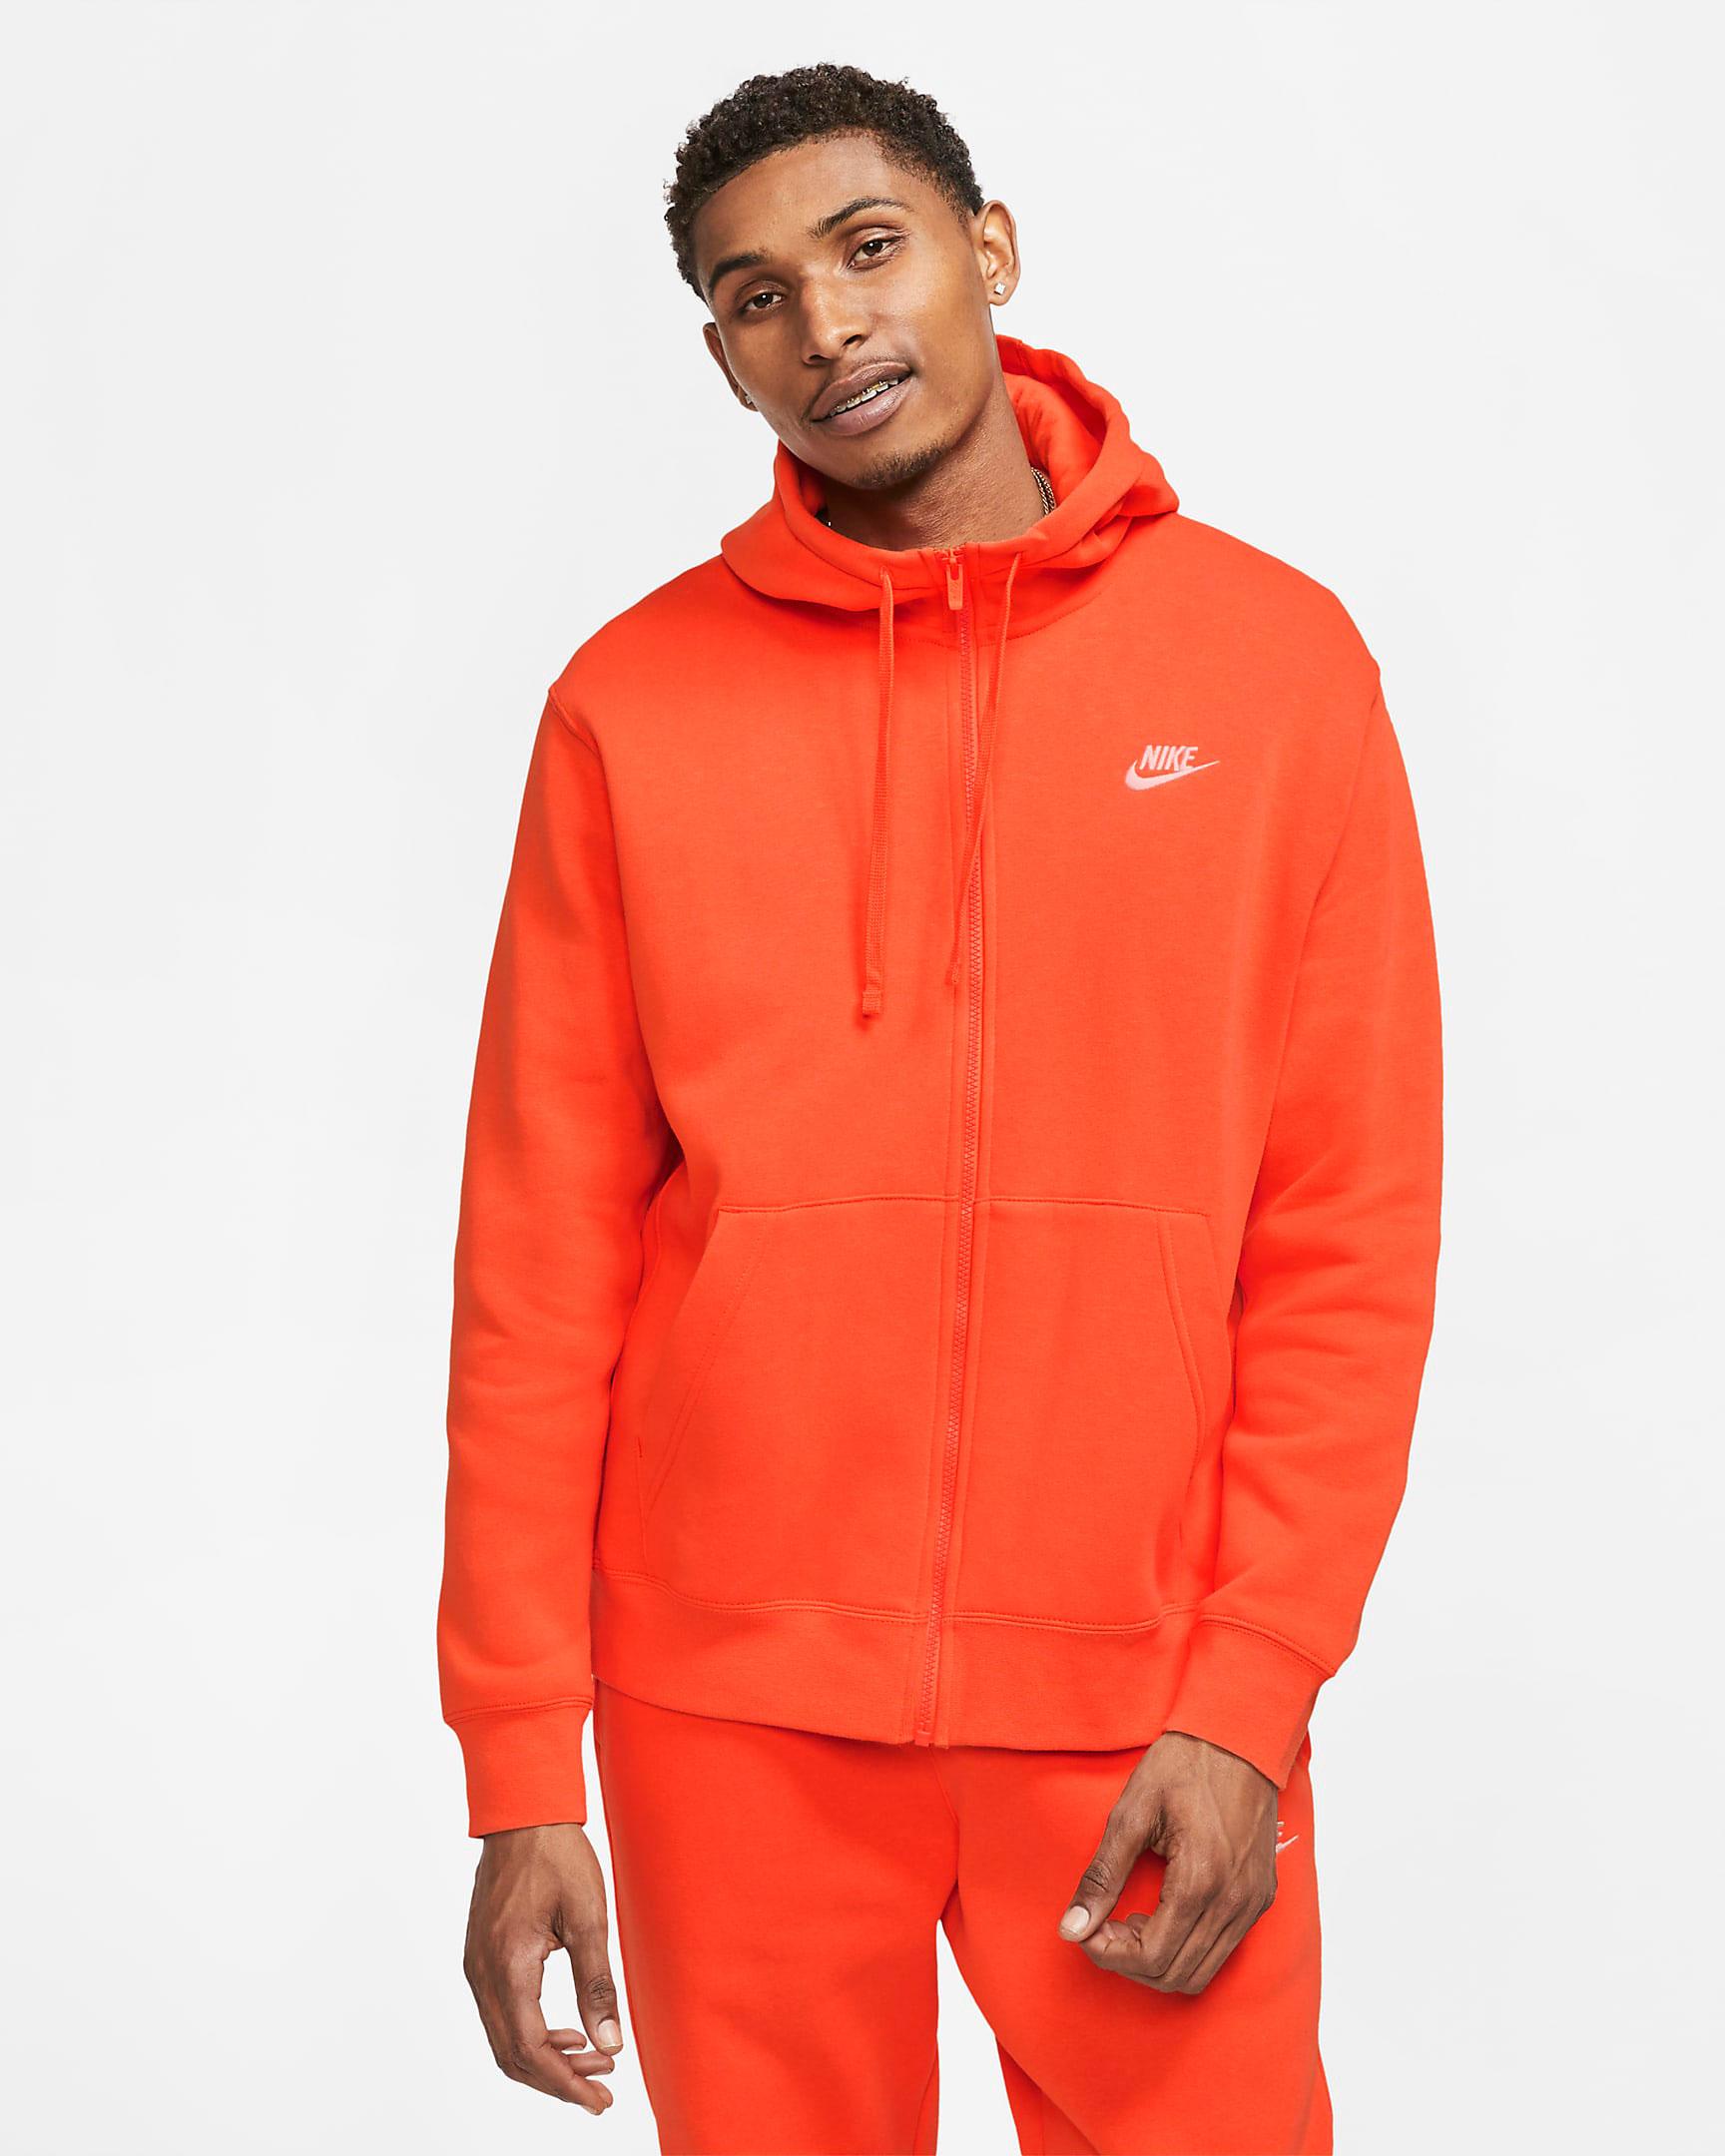 nike-air-foamposite-pro-halloween-orange-zip-hoodie